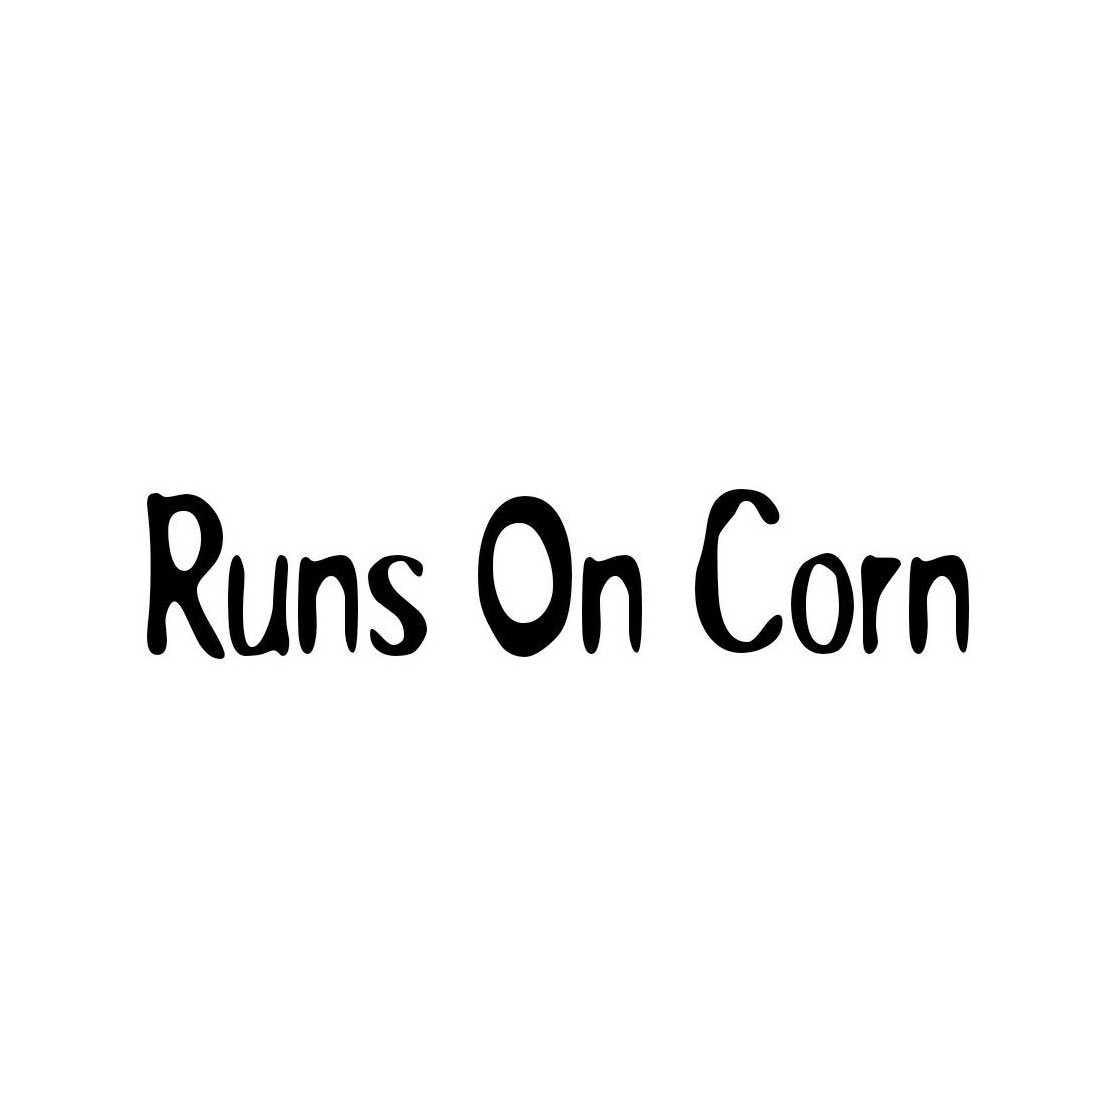 Оконная наклейка Грузовик Наружная наклейка работает на кукурузу lol flex топливная гонка Быстрый винил хобби наклейка на автомобильный бампер